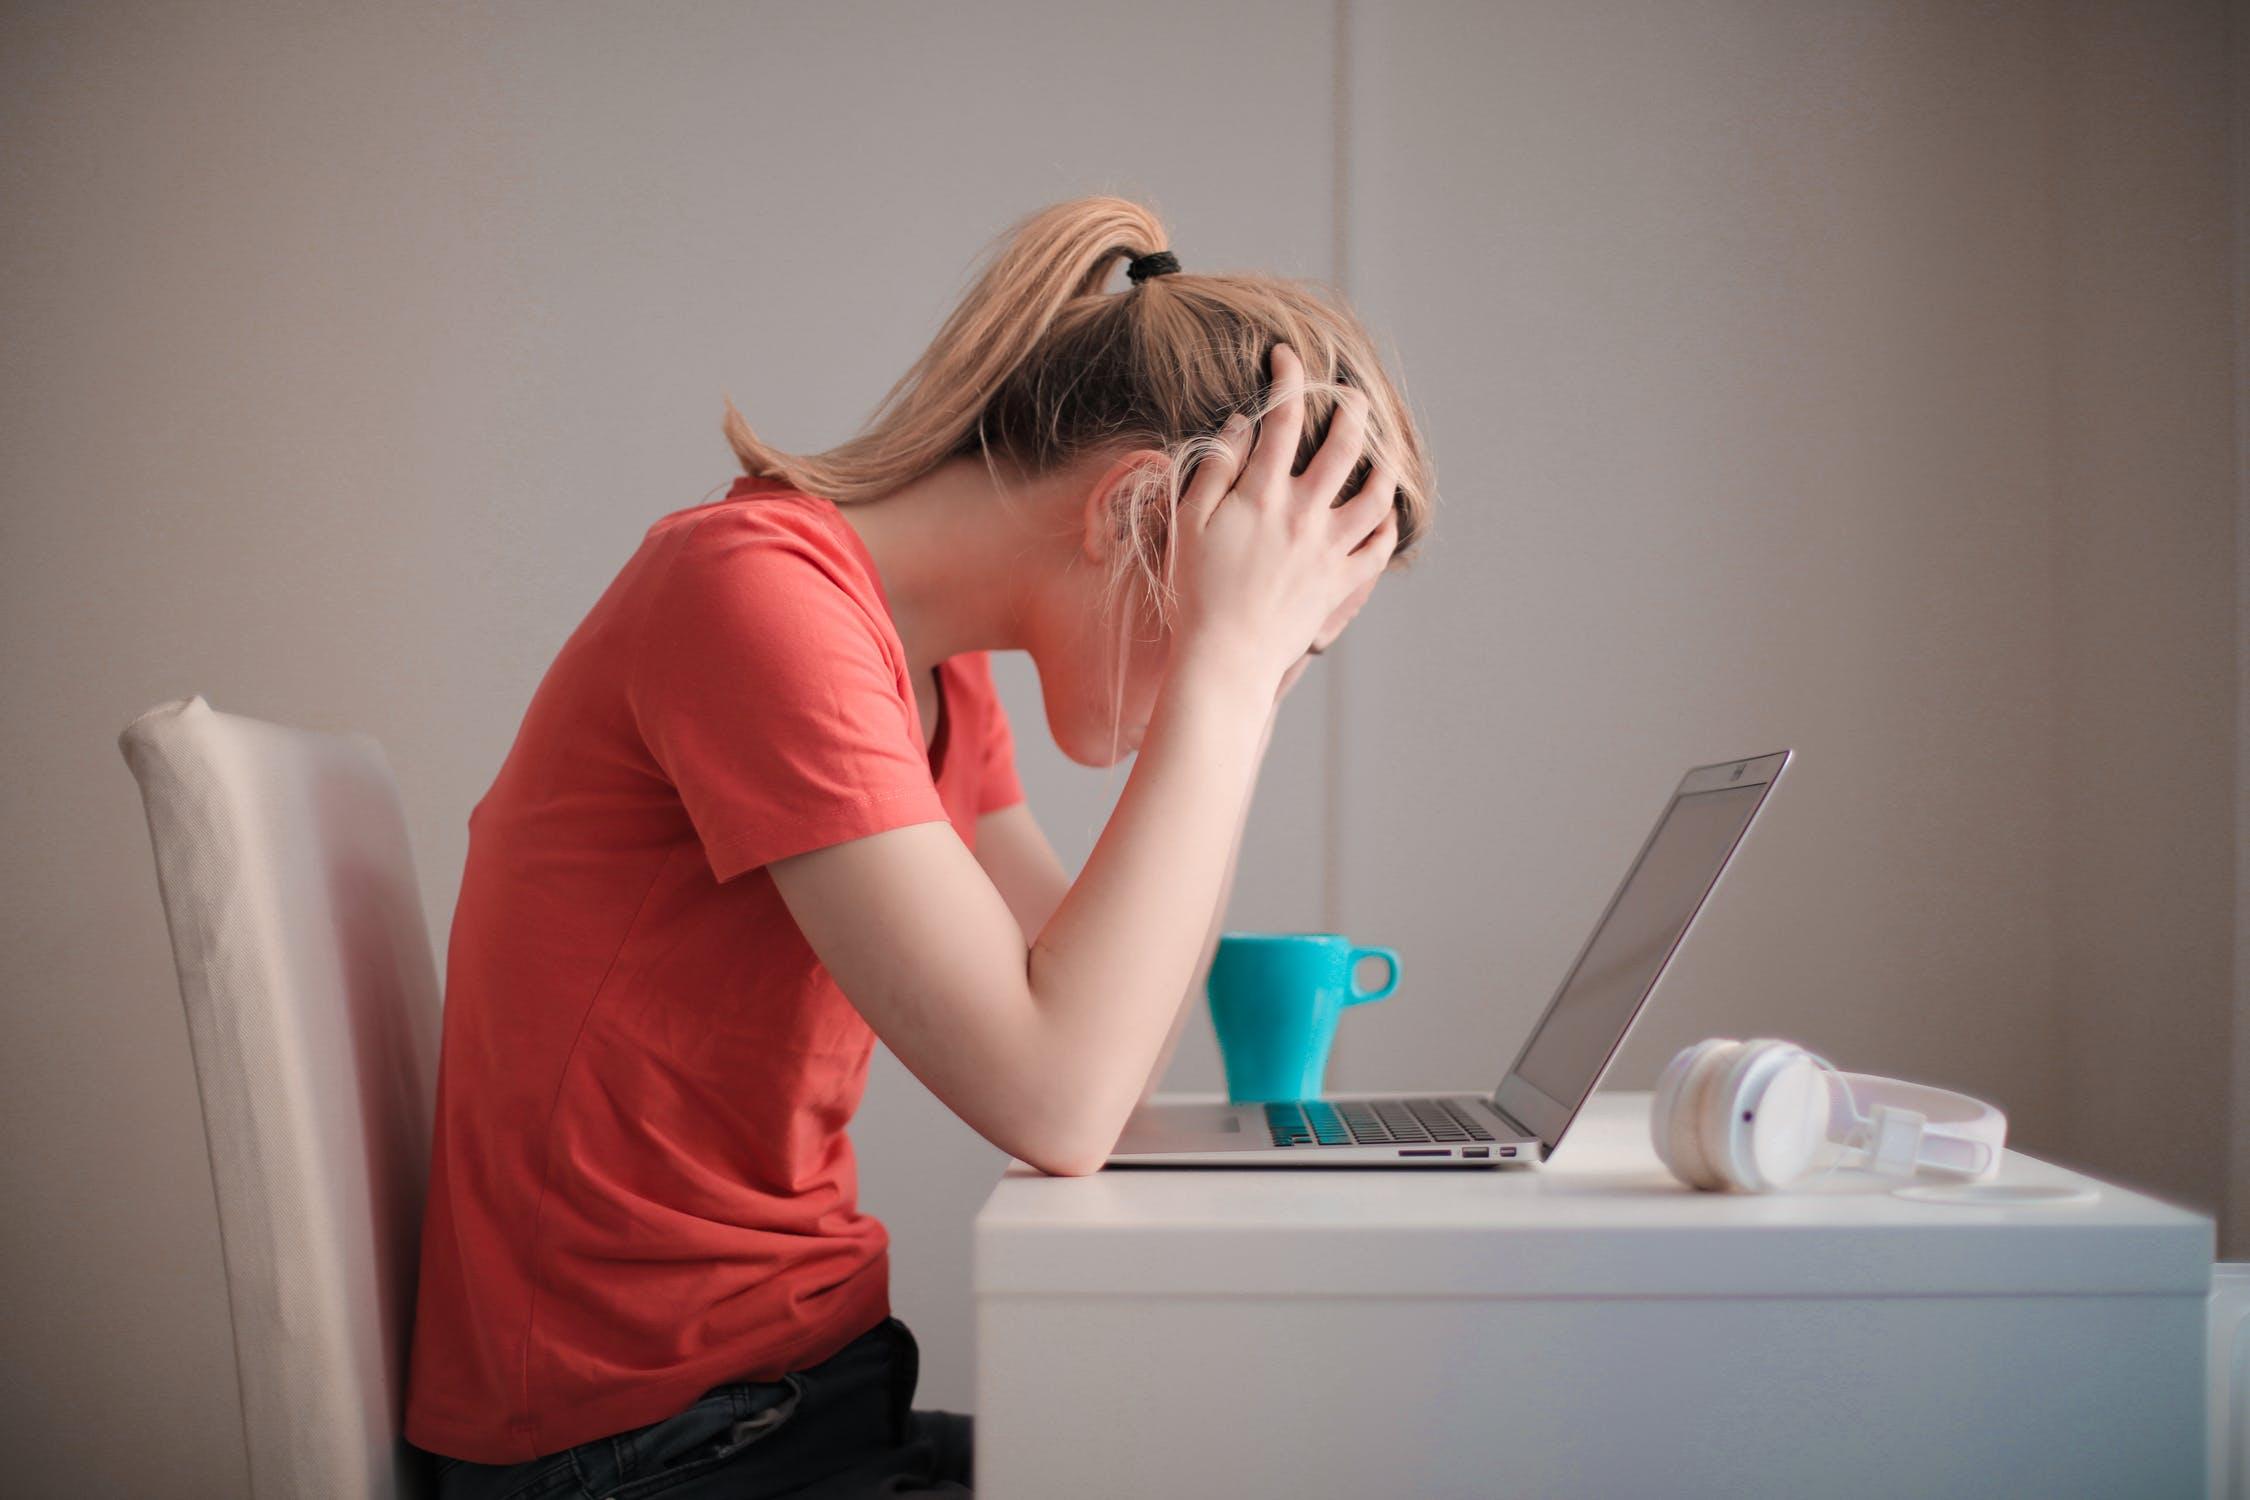 懒人包|想找工作怎么找?想换工作好不安!各种「求职大哉问」插图5